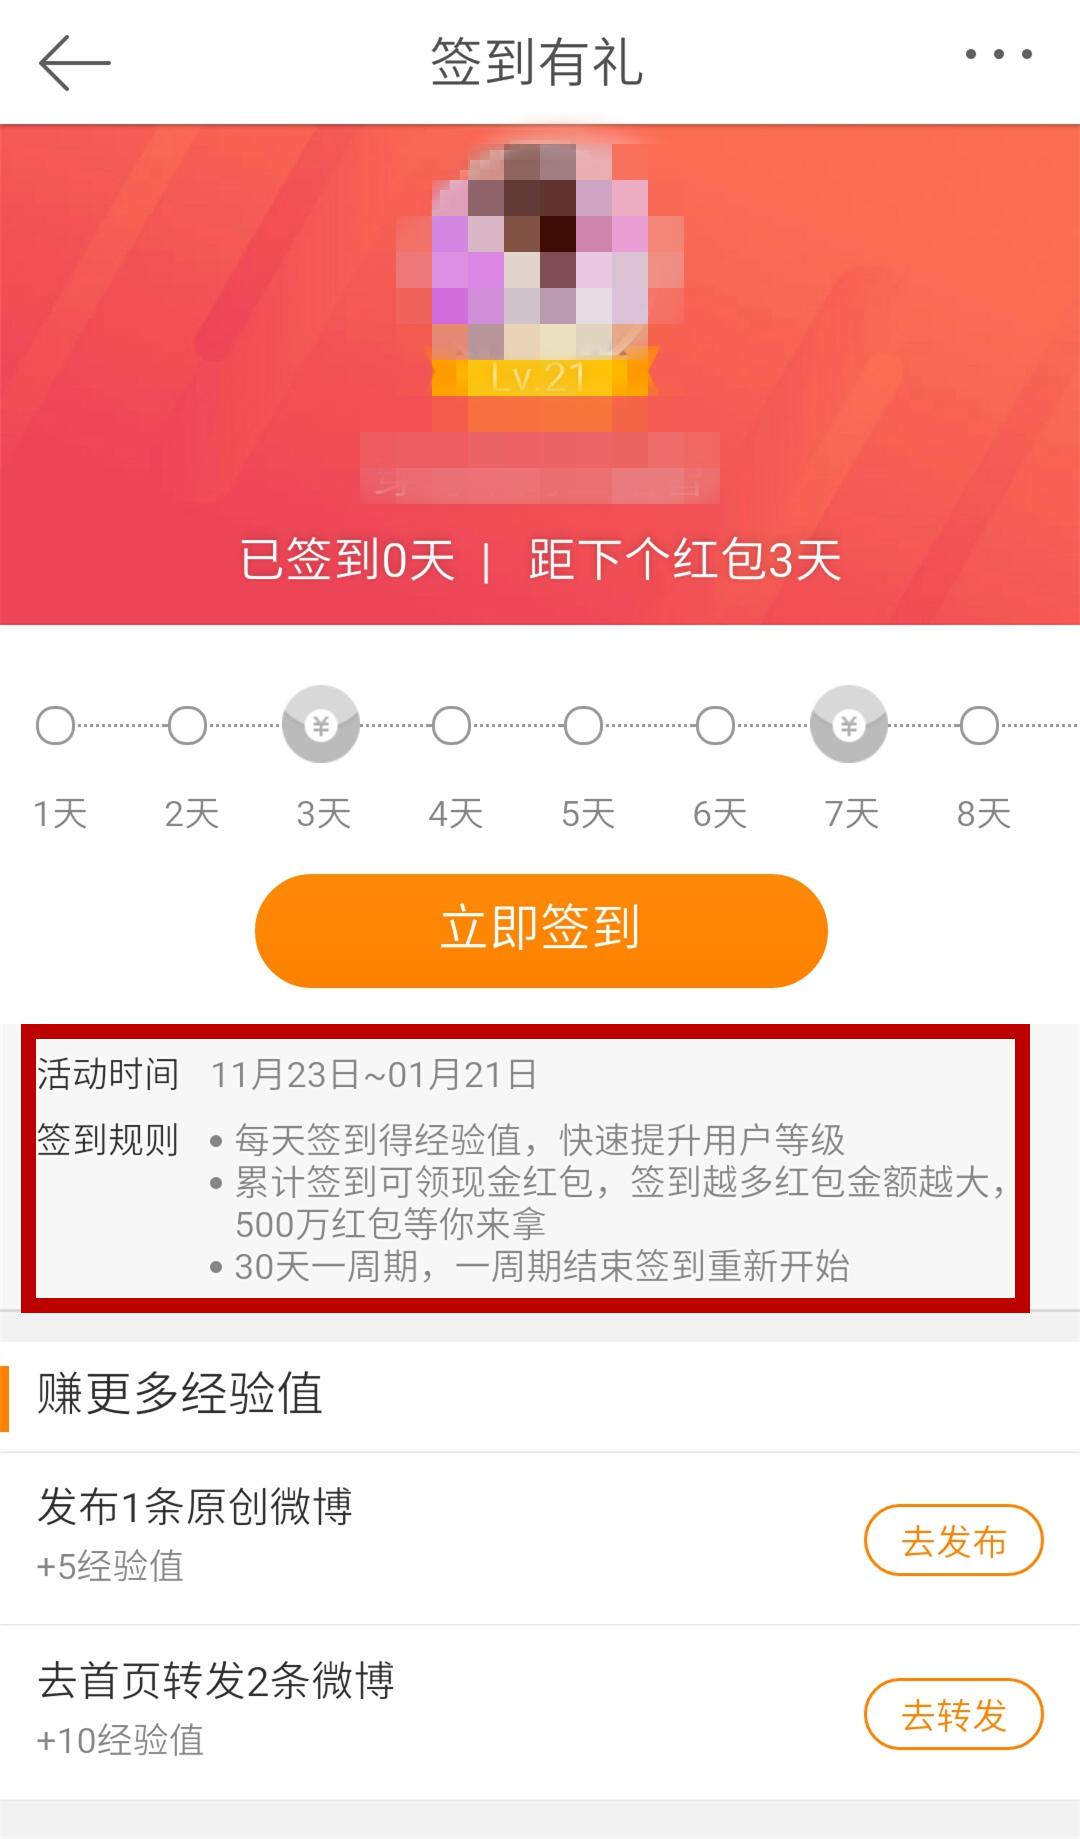 新浪微博-app签到设计 app签到设计分享展示